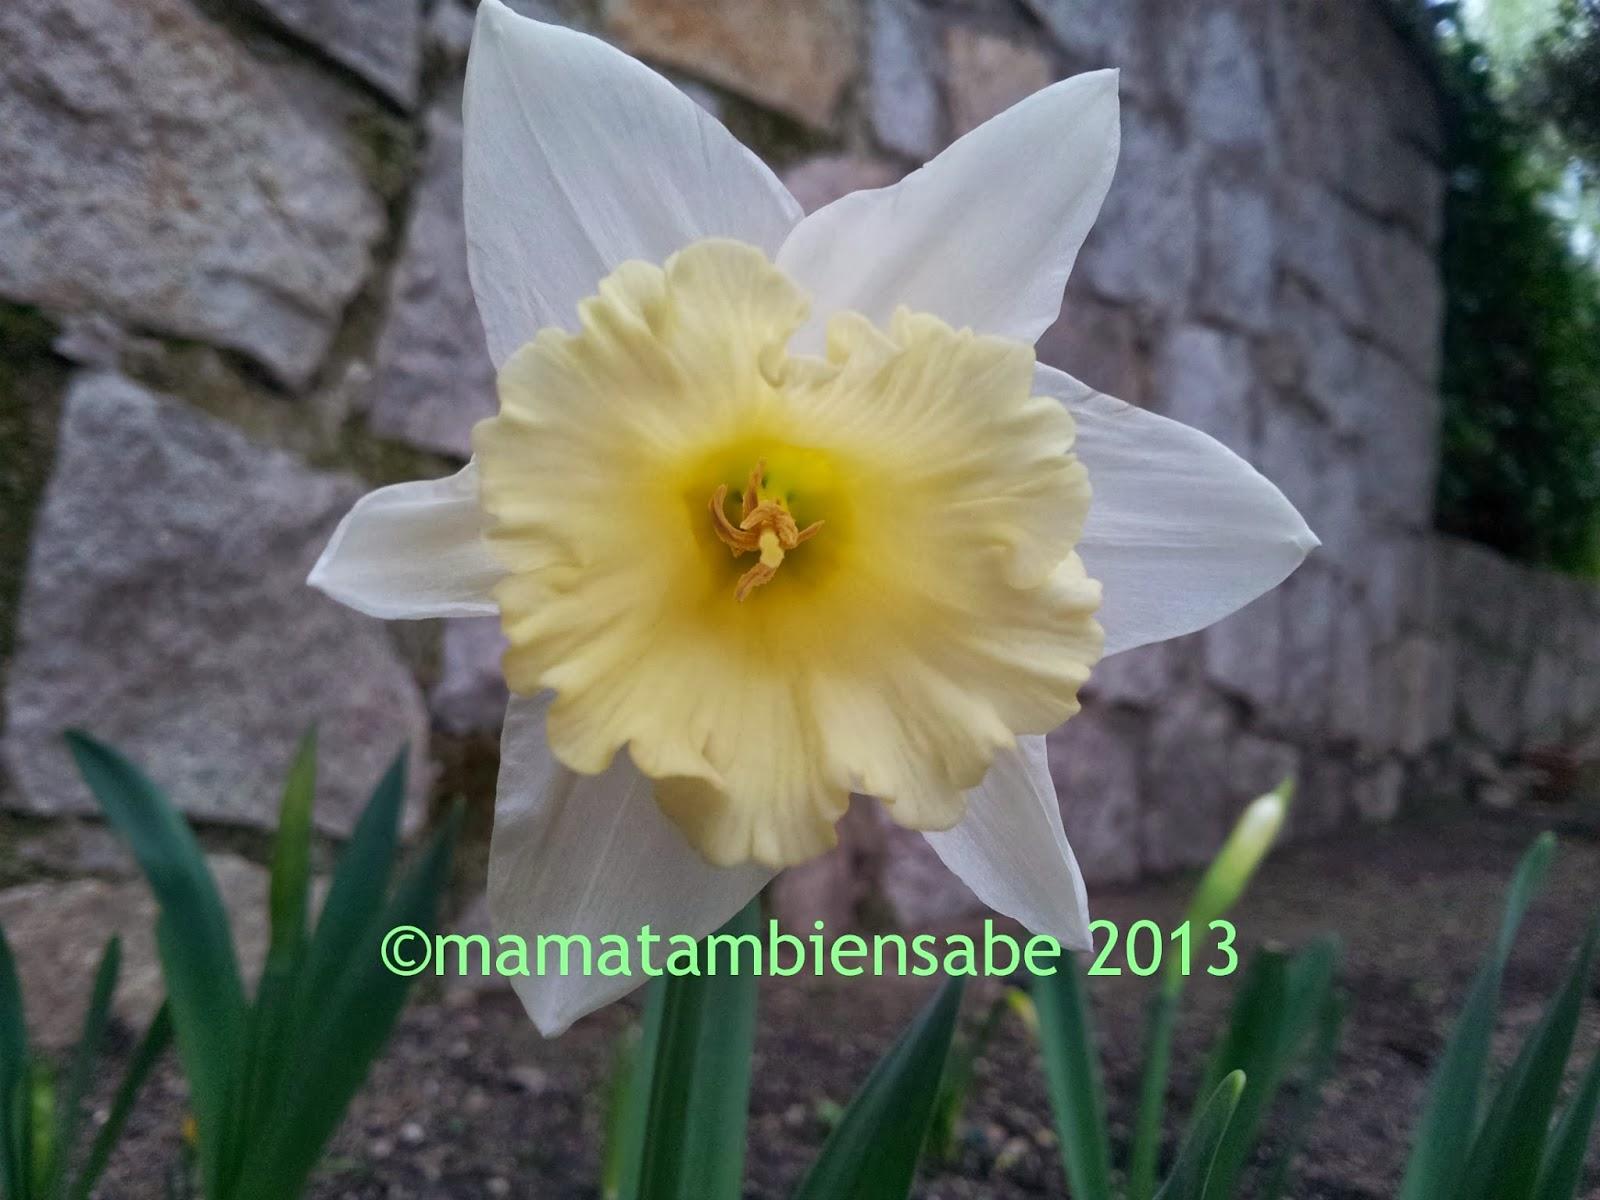 Una flor sonrisa